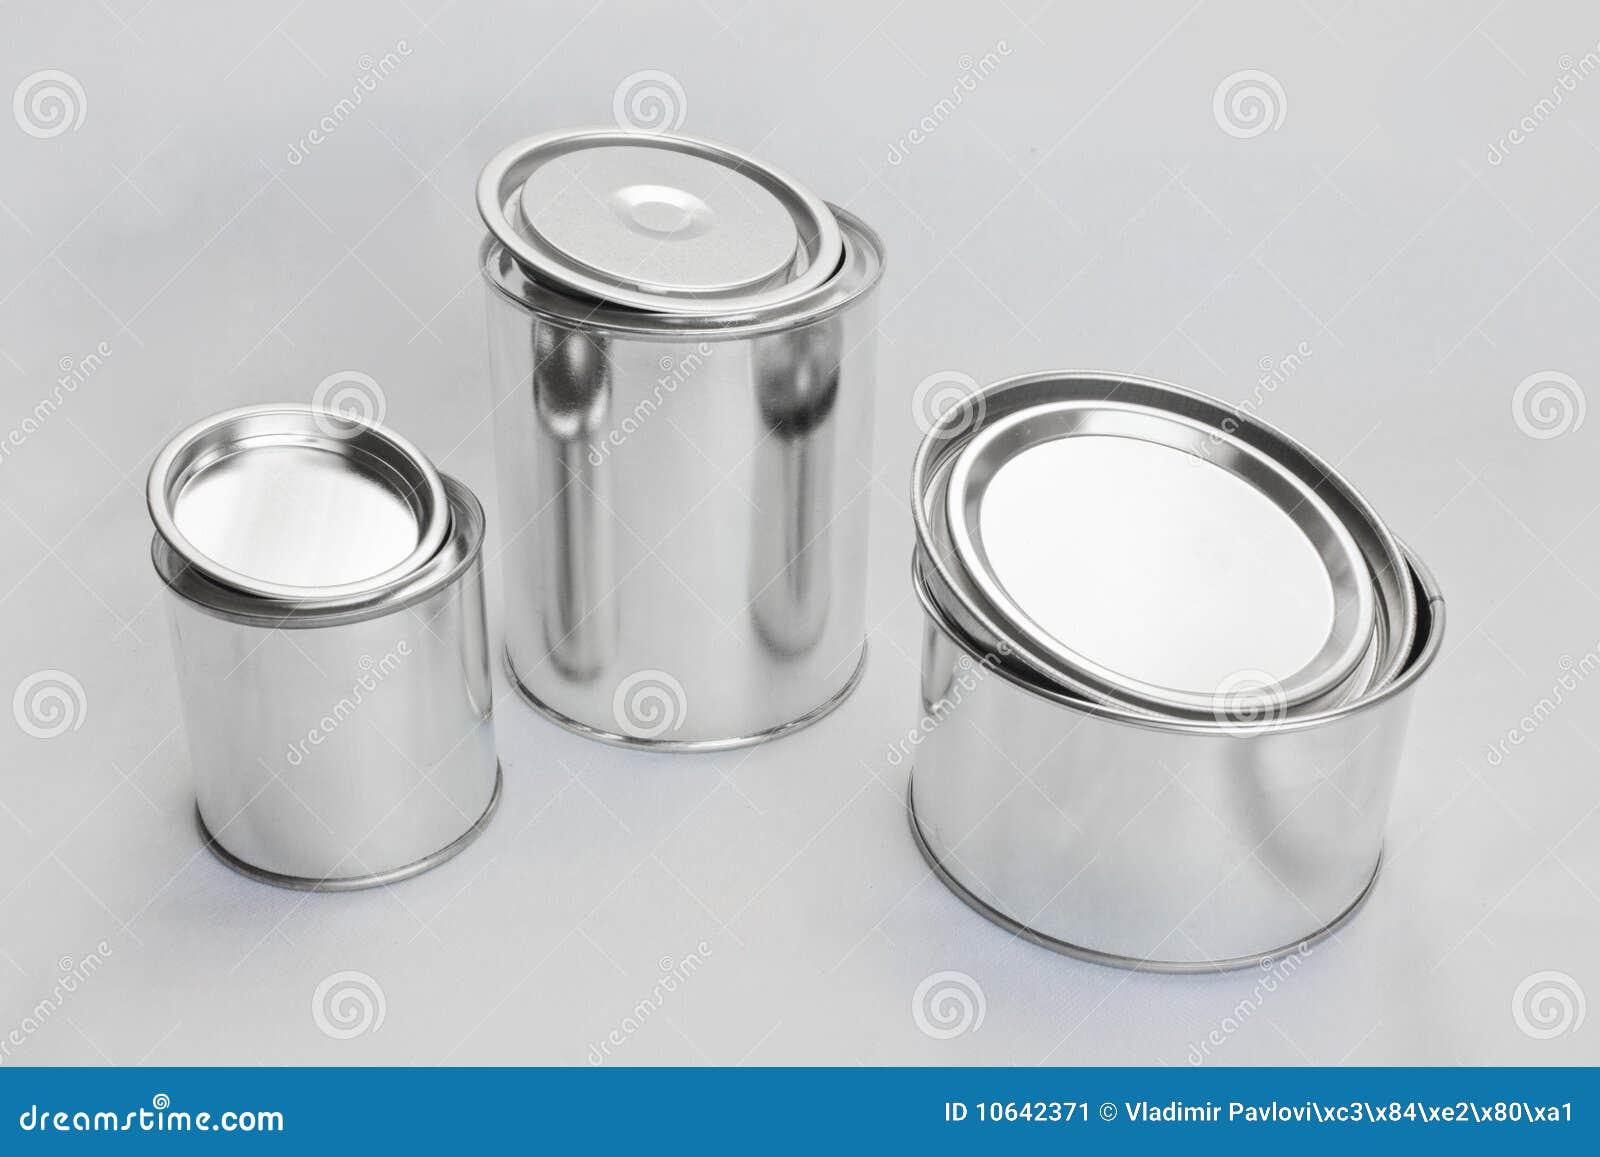 Latte brillanti del metallo per vernice immagine stock - Lucidare metallo a specchio ...